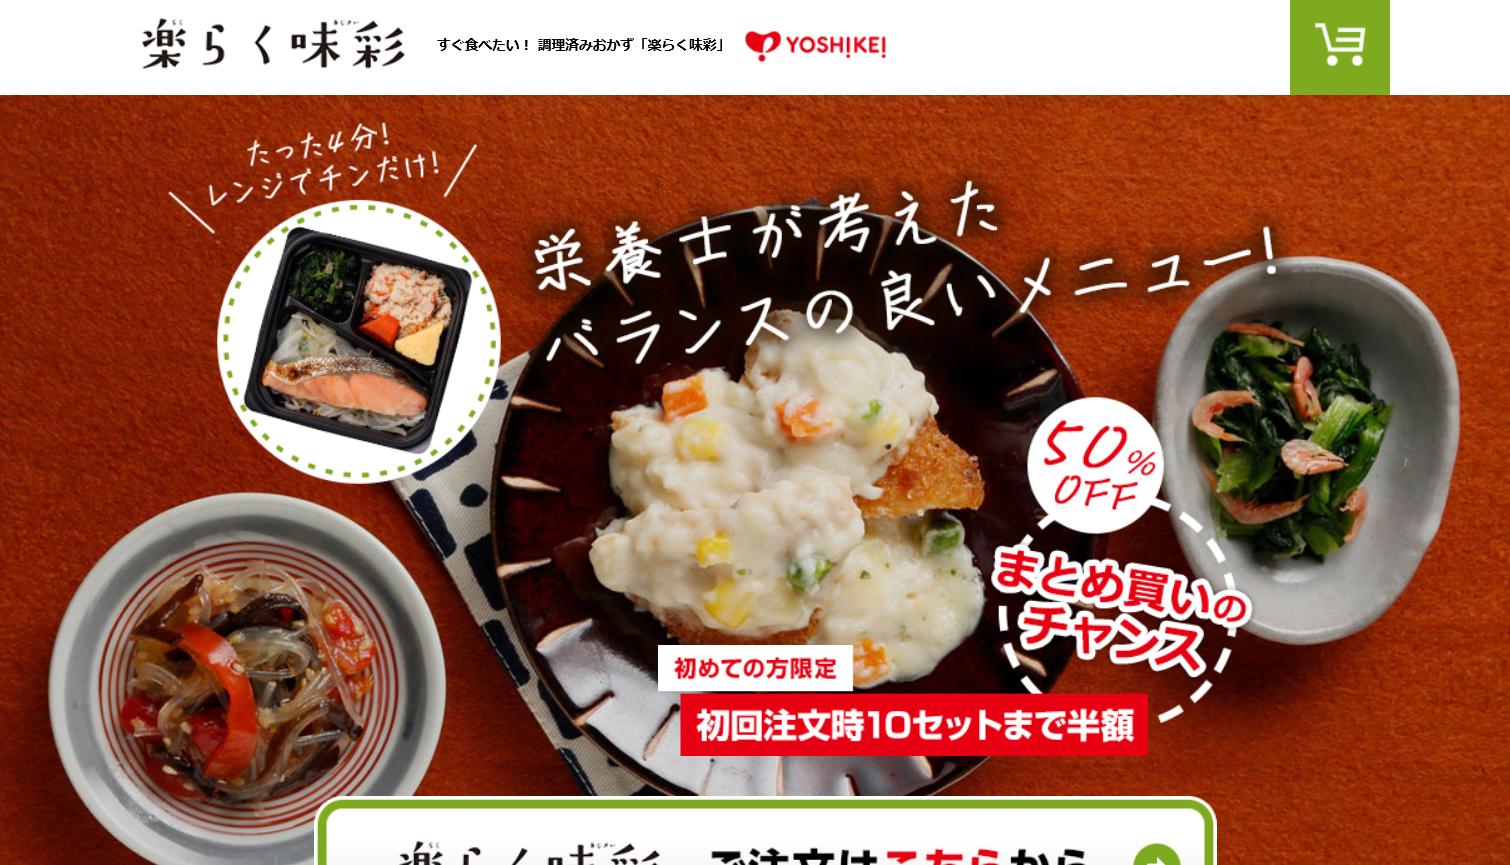 ヨシケイの夕食.net